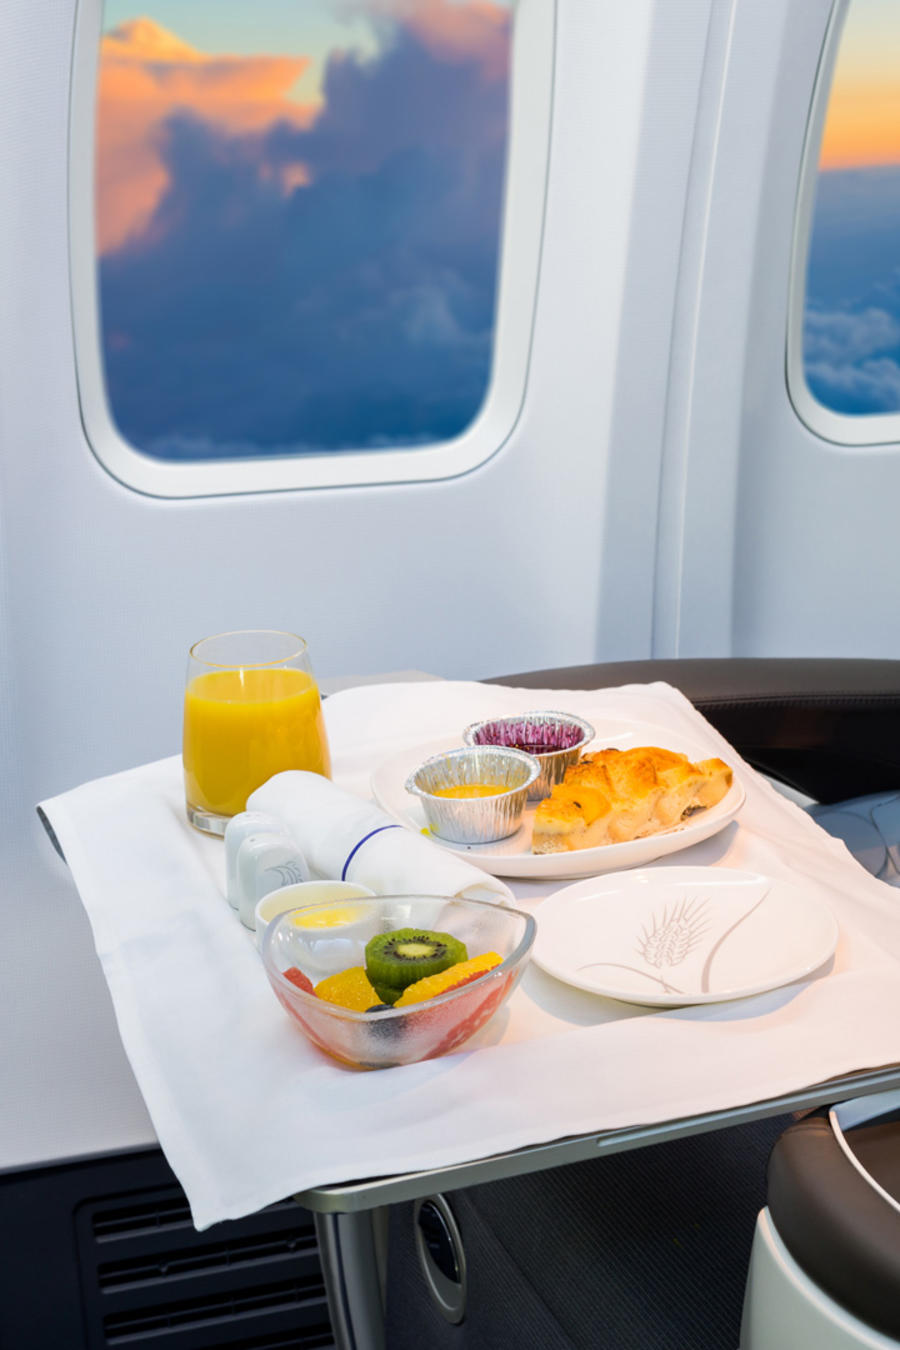 Comida servida en un avión en una imagen de archivo.